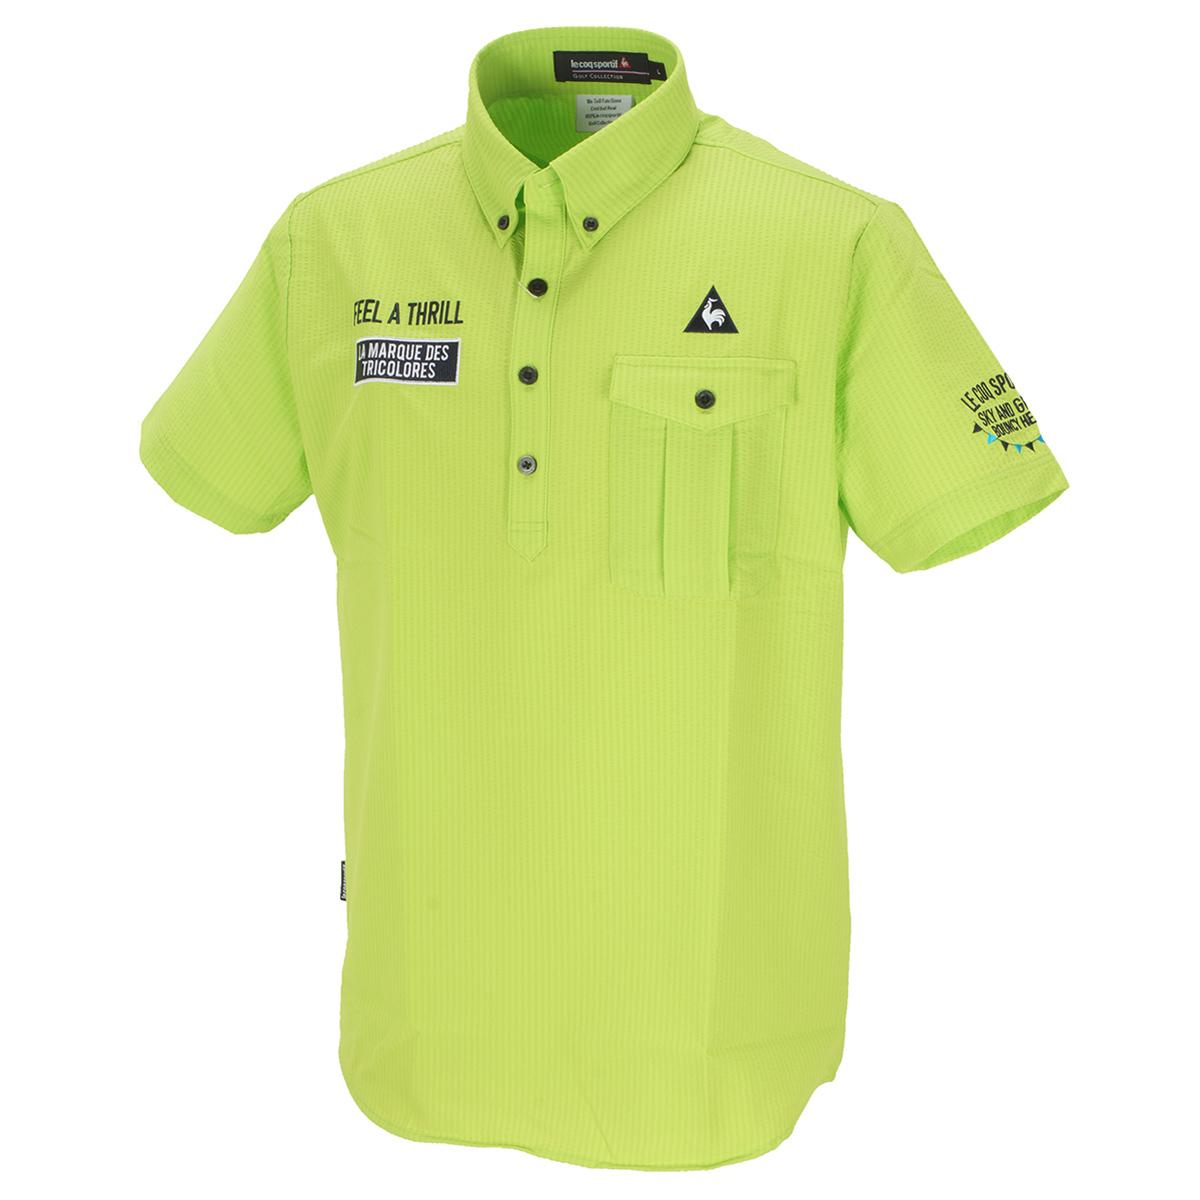 ストレッチ プライムフレックス シャドーストライプ サッカー半袖ポロシャツ